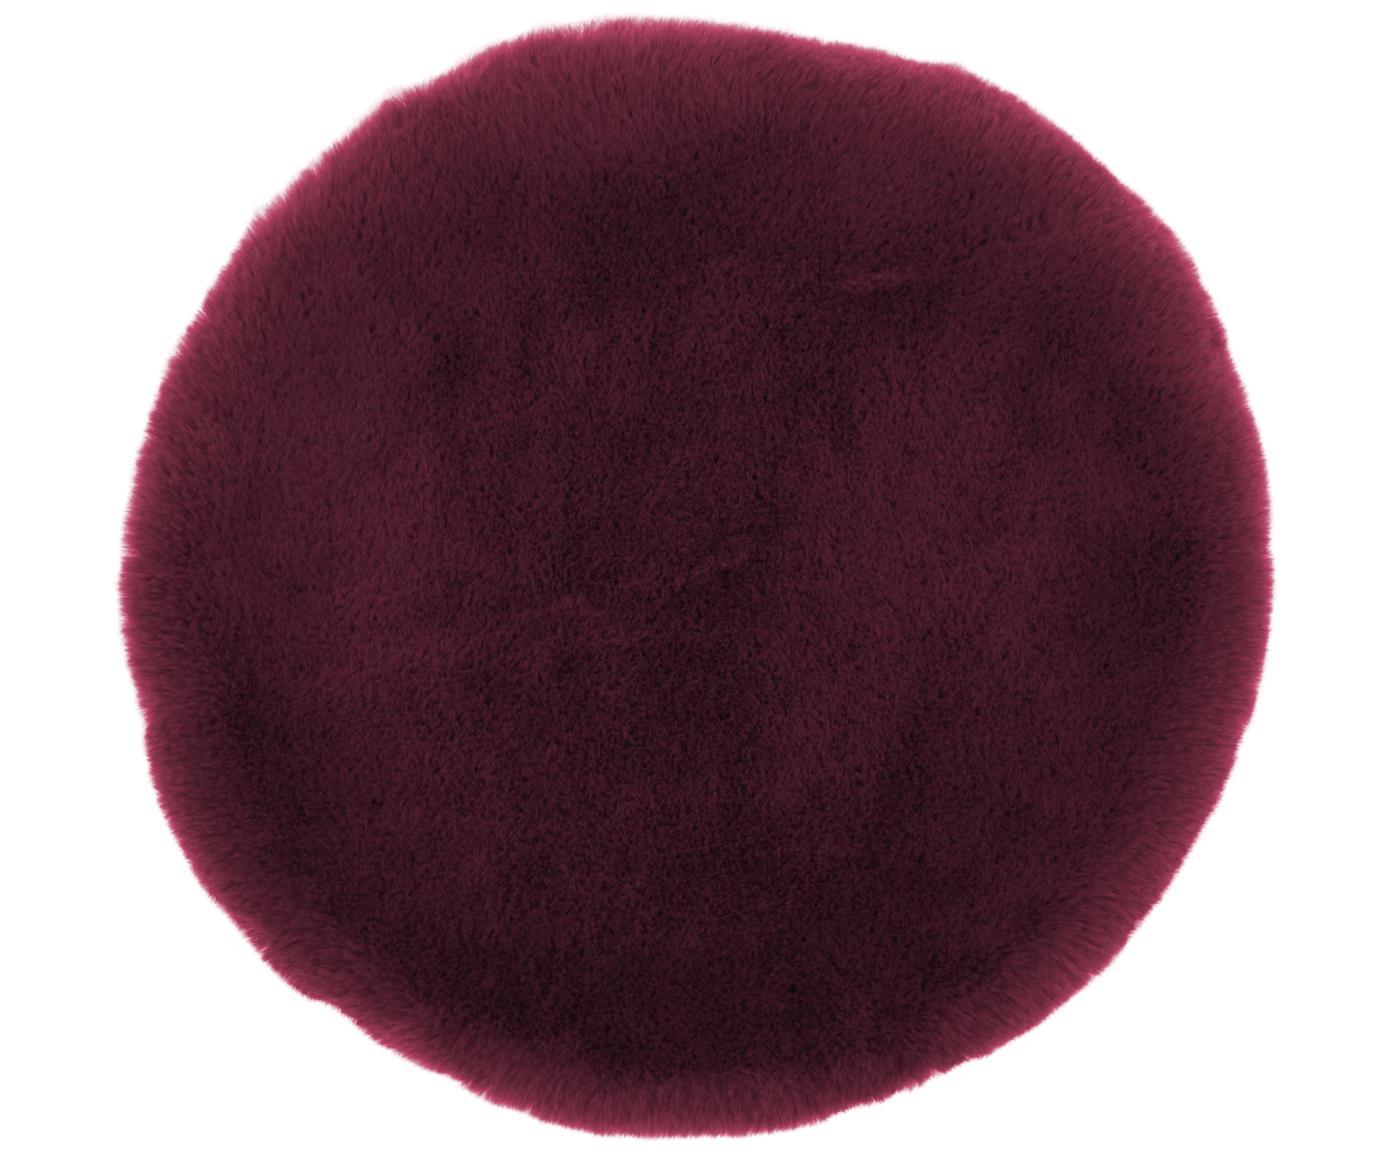 Kunstfell-Sitzauflage Mette, glatt, Vorderseite: 100% Polyester, Rückseite: 100% Polyester, Dunkelrot, Ø 37 cm